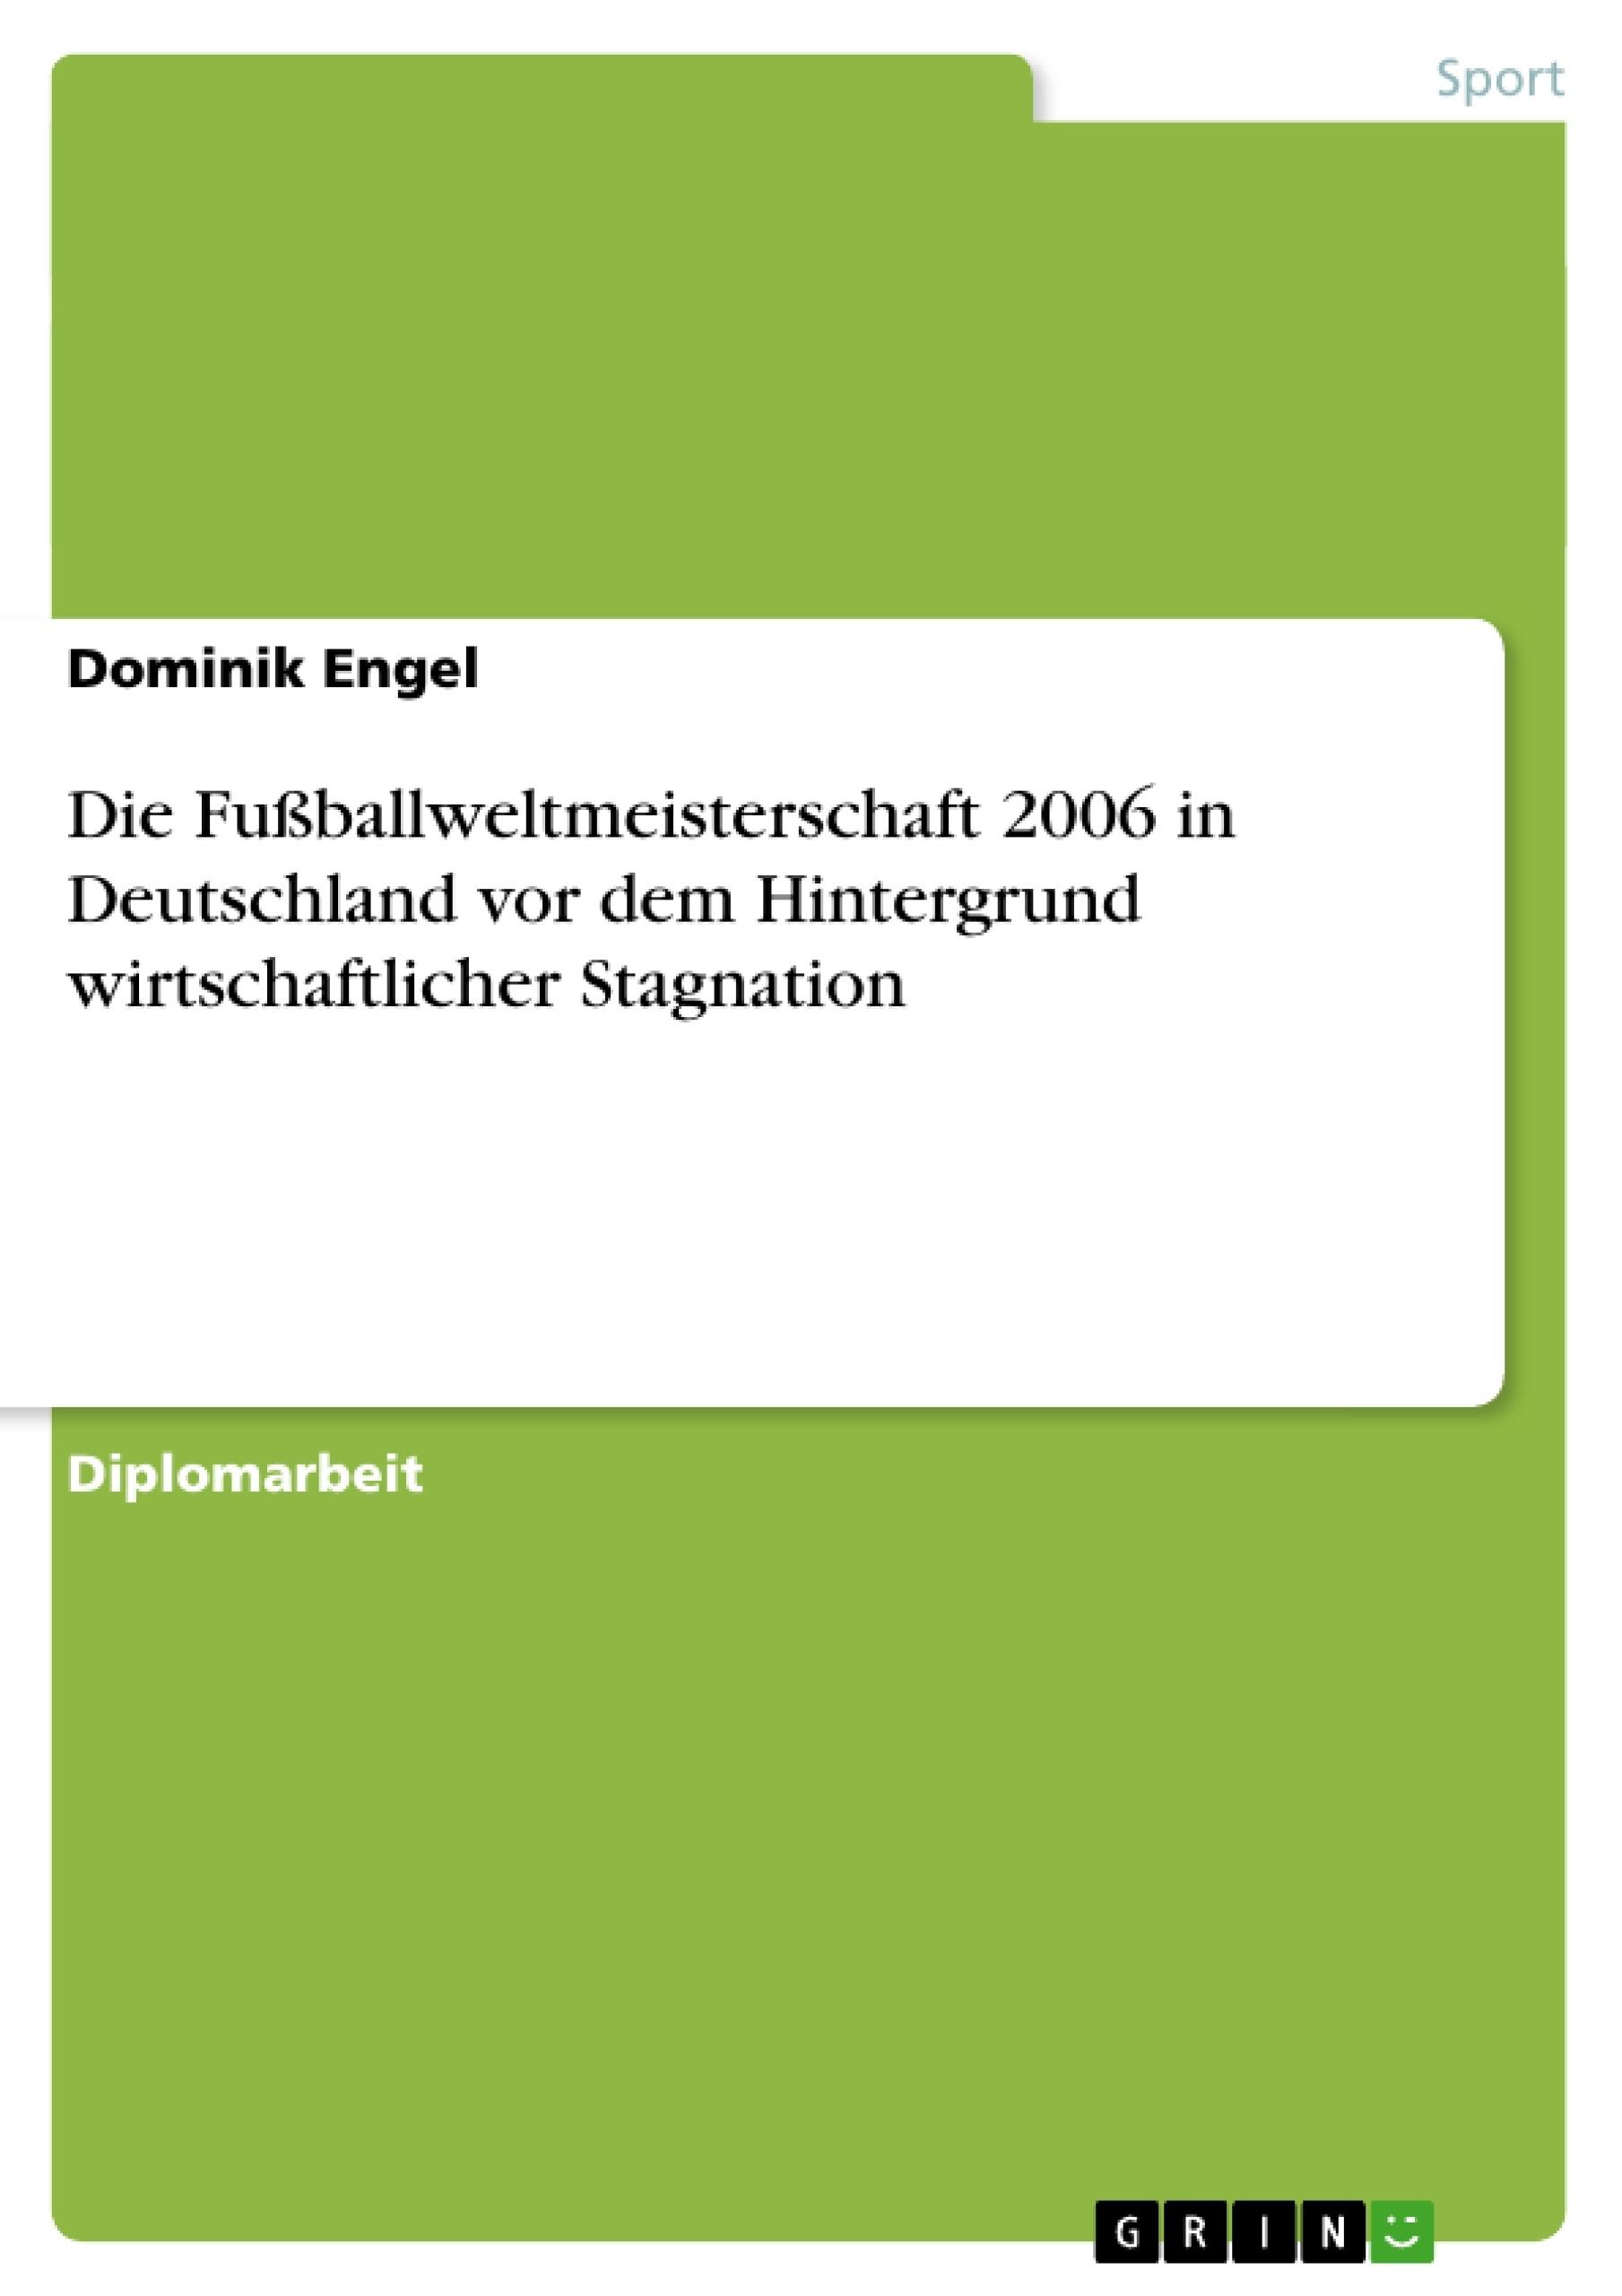 Titel: Die Fußballweltmeisterschaft 2006 in Deutschland vor dem Hintergrund wirtschaftlicher Stagnation